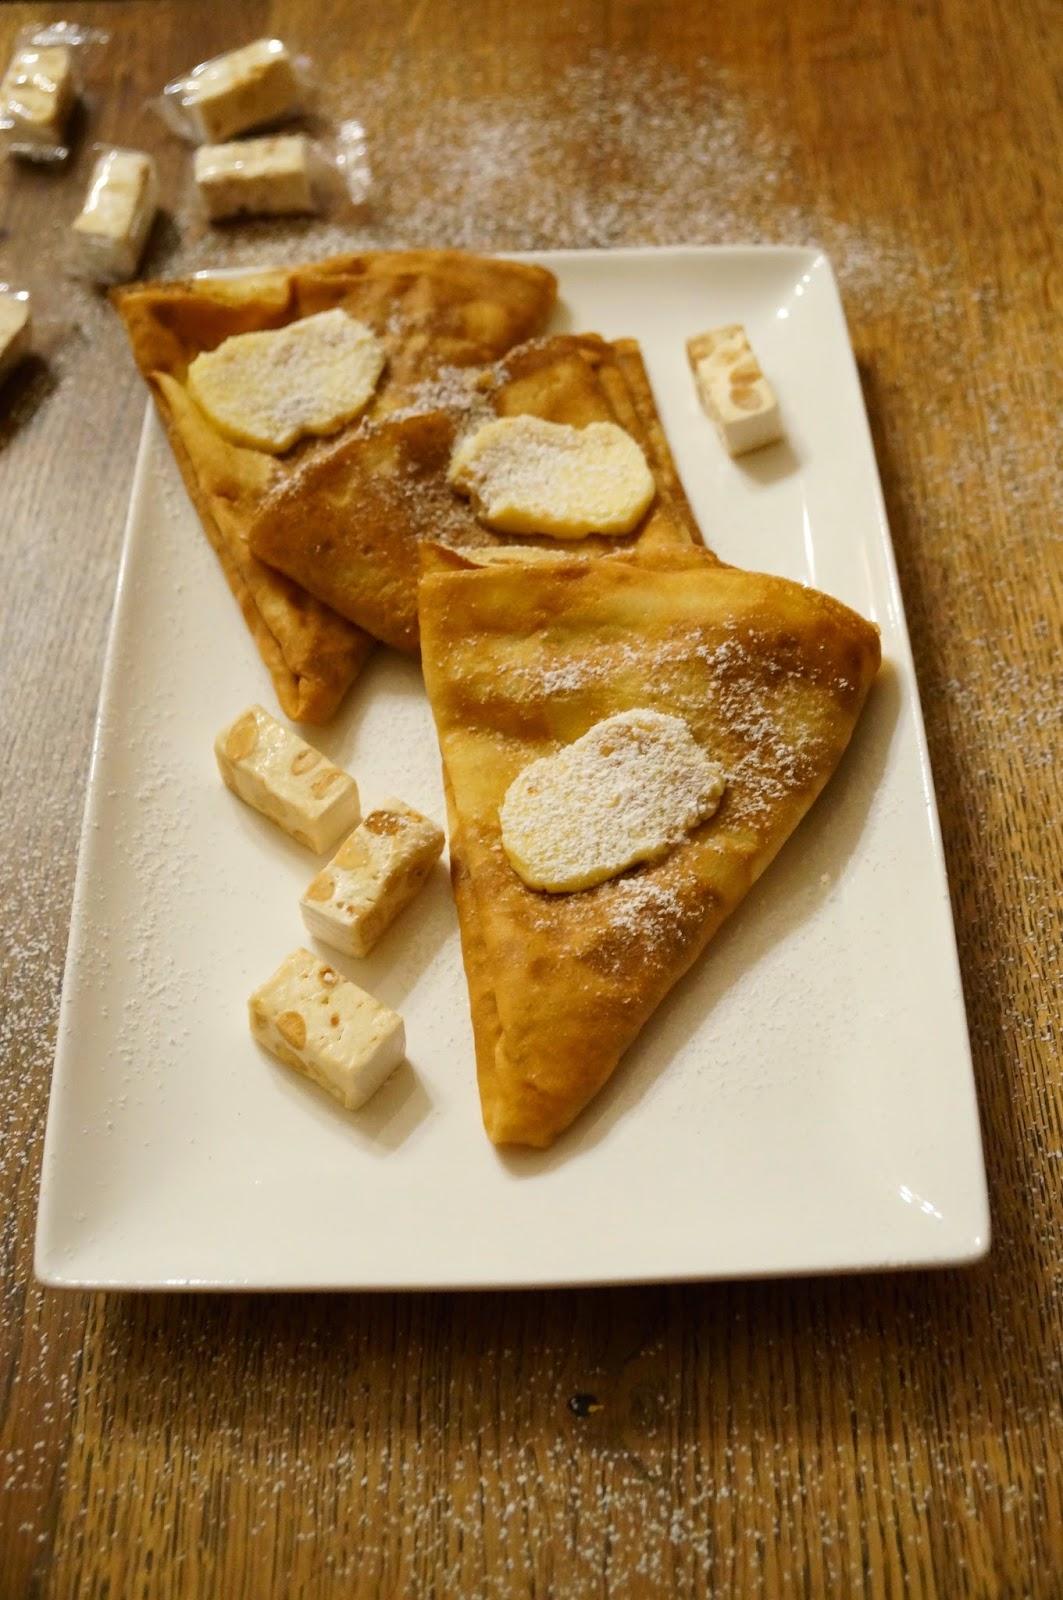 C'est une recette très simple et délicieuse inspirée du livre 100 recettes  de crêpes & gaufres.